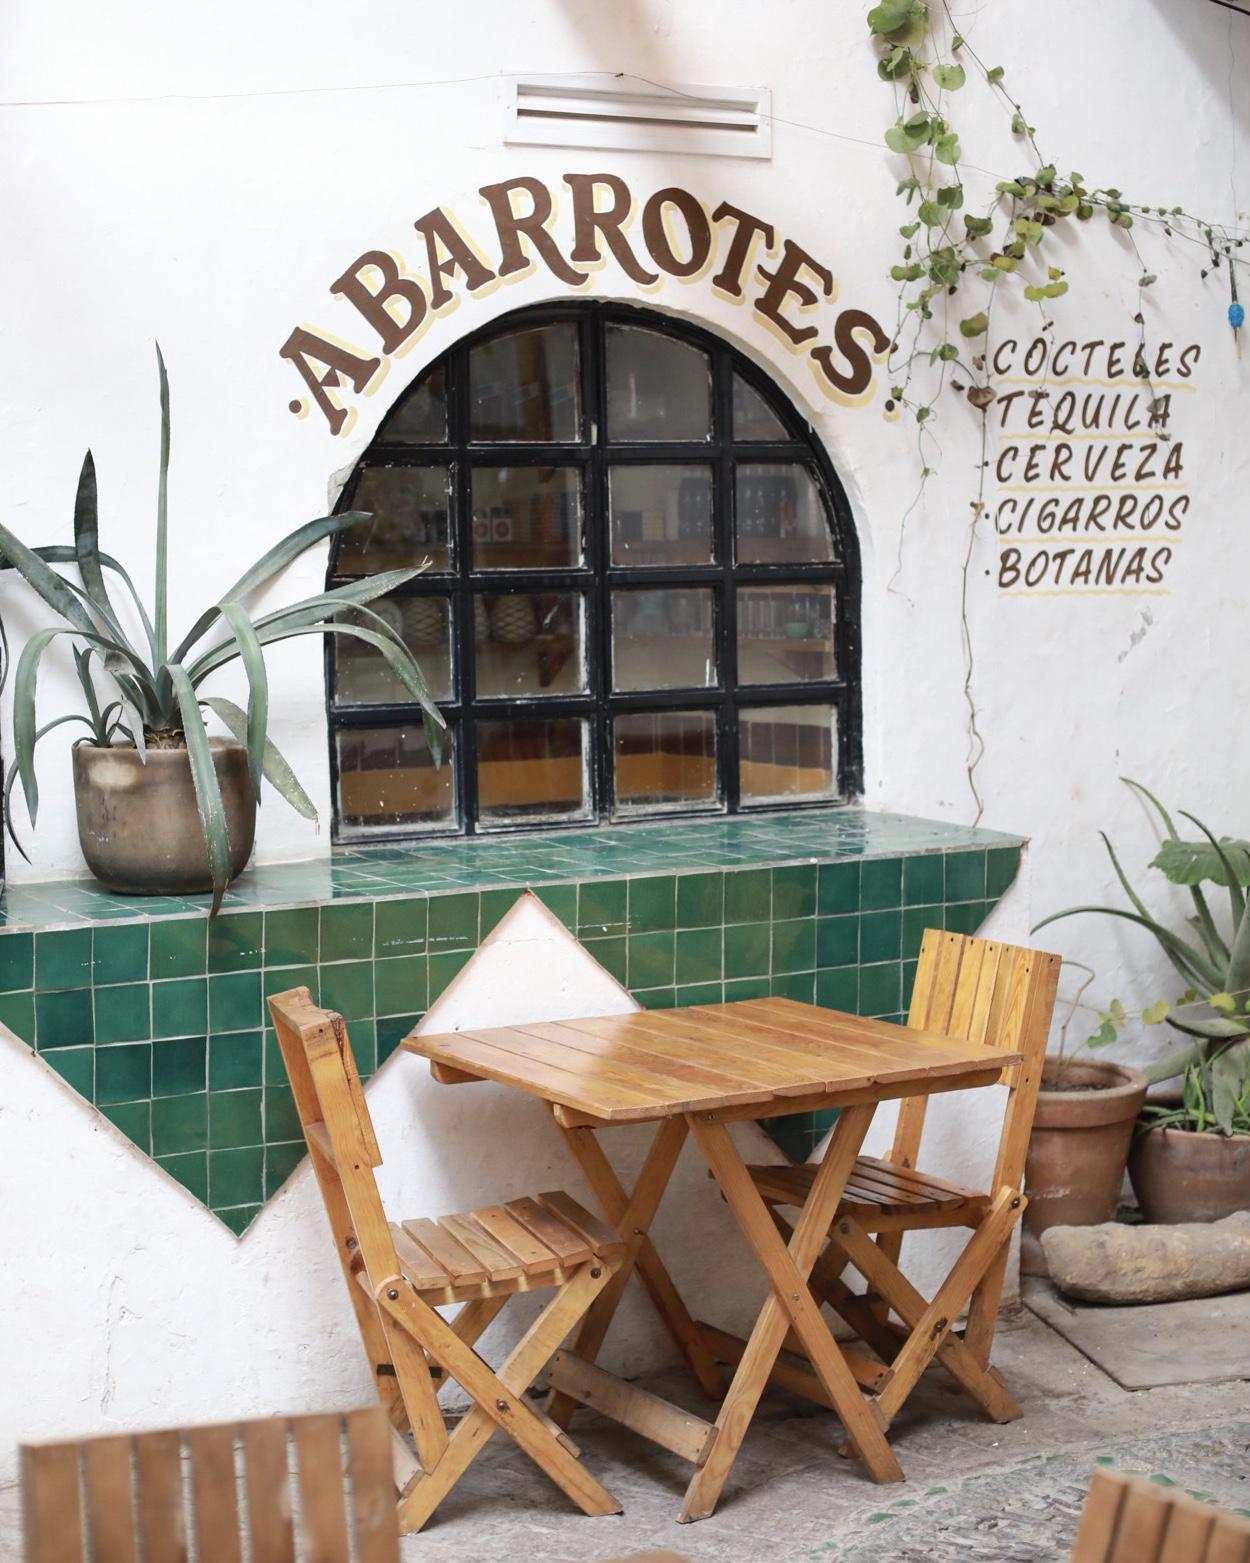 Guadalajara Coffee shop_1.jpg